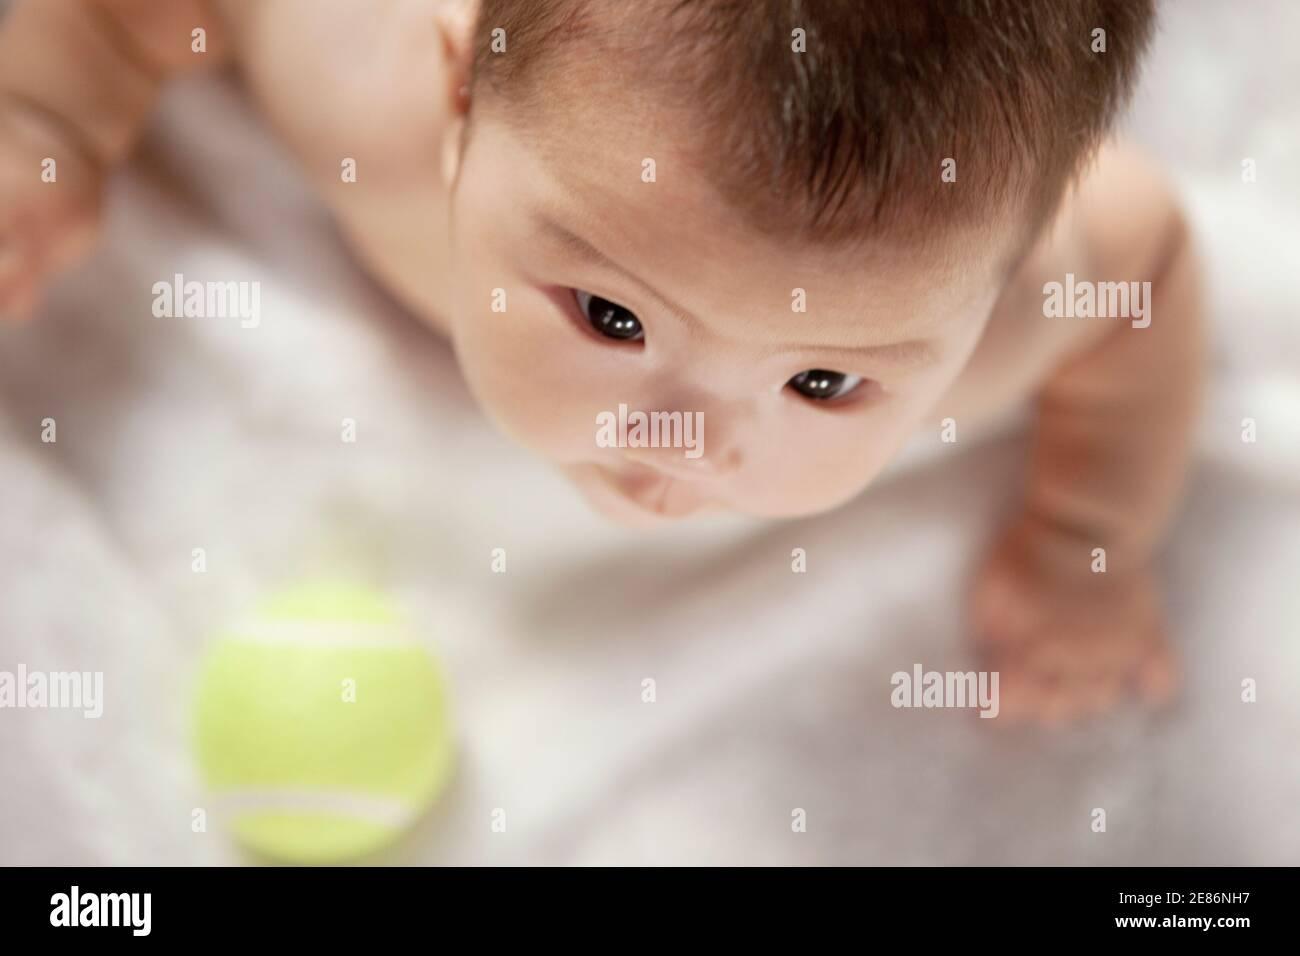 Un bébé regardant la balle de tennis photo de haute qualité Banque D'Images